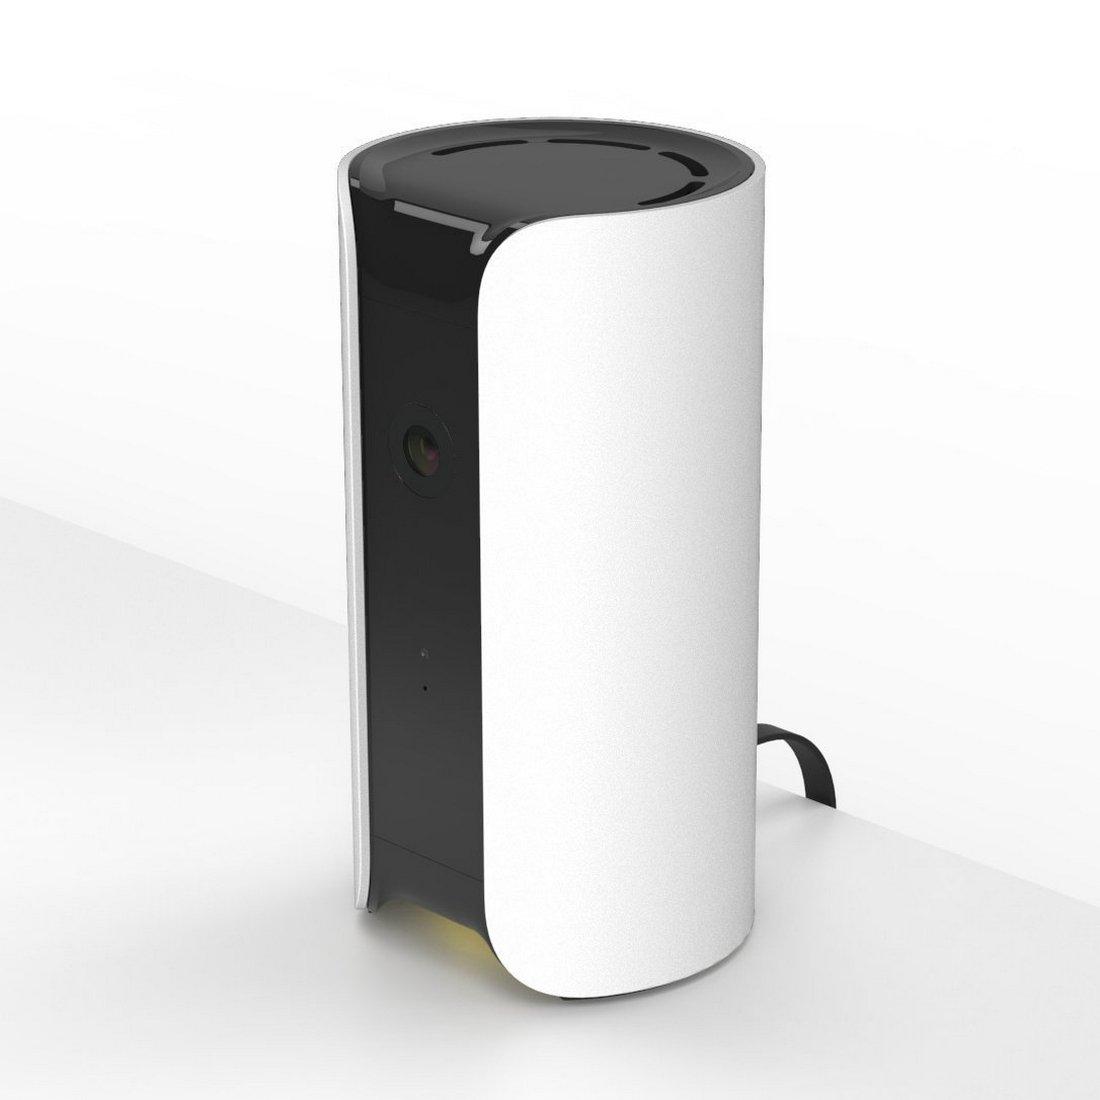 Canary CAN100EU6BK Sistema de seguridad todo en uno para el hogar Negro